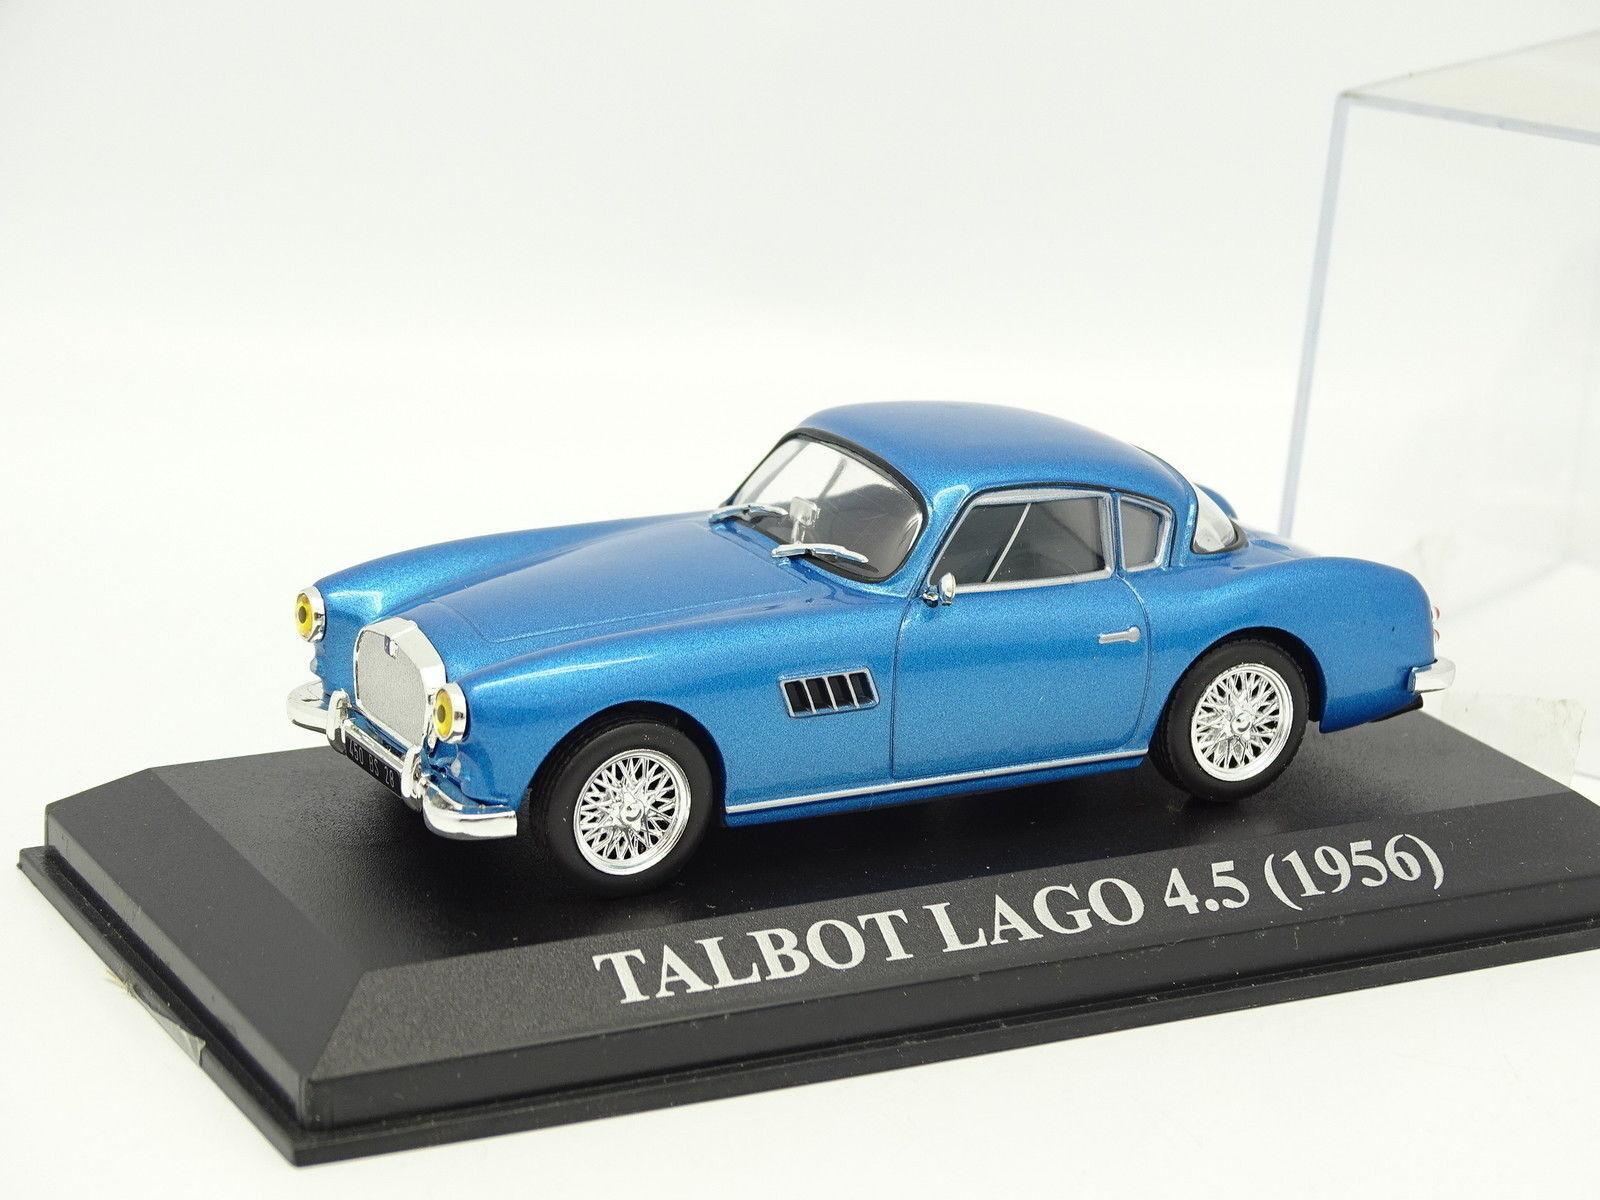 Ixo Stampa 1 43 - Talbot Lago 4.5 1956 blue